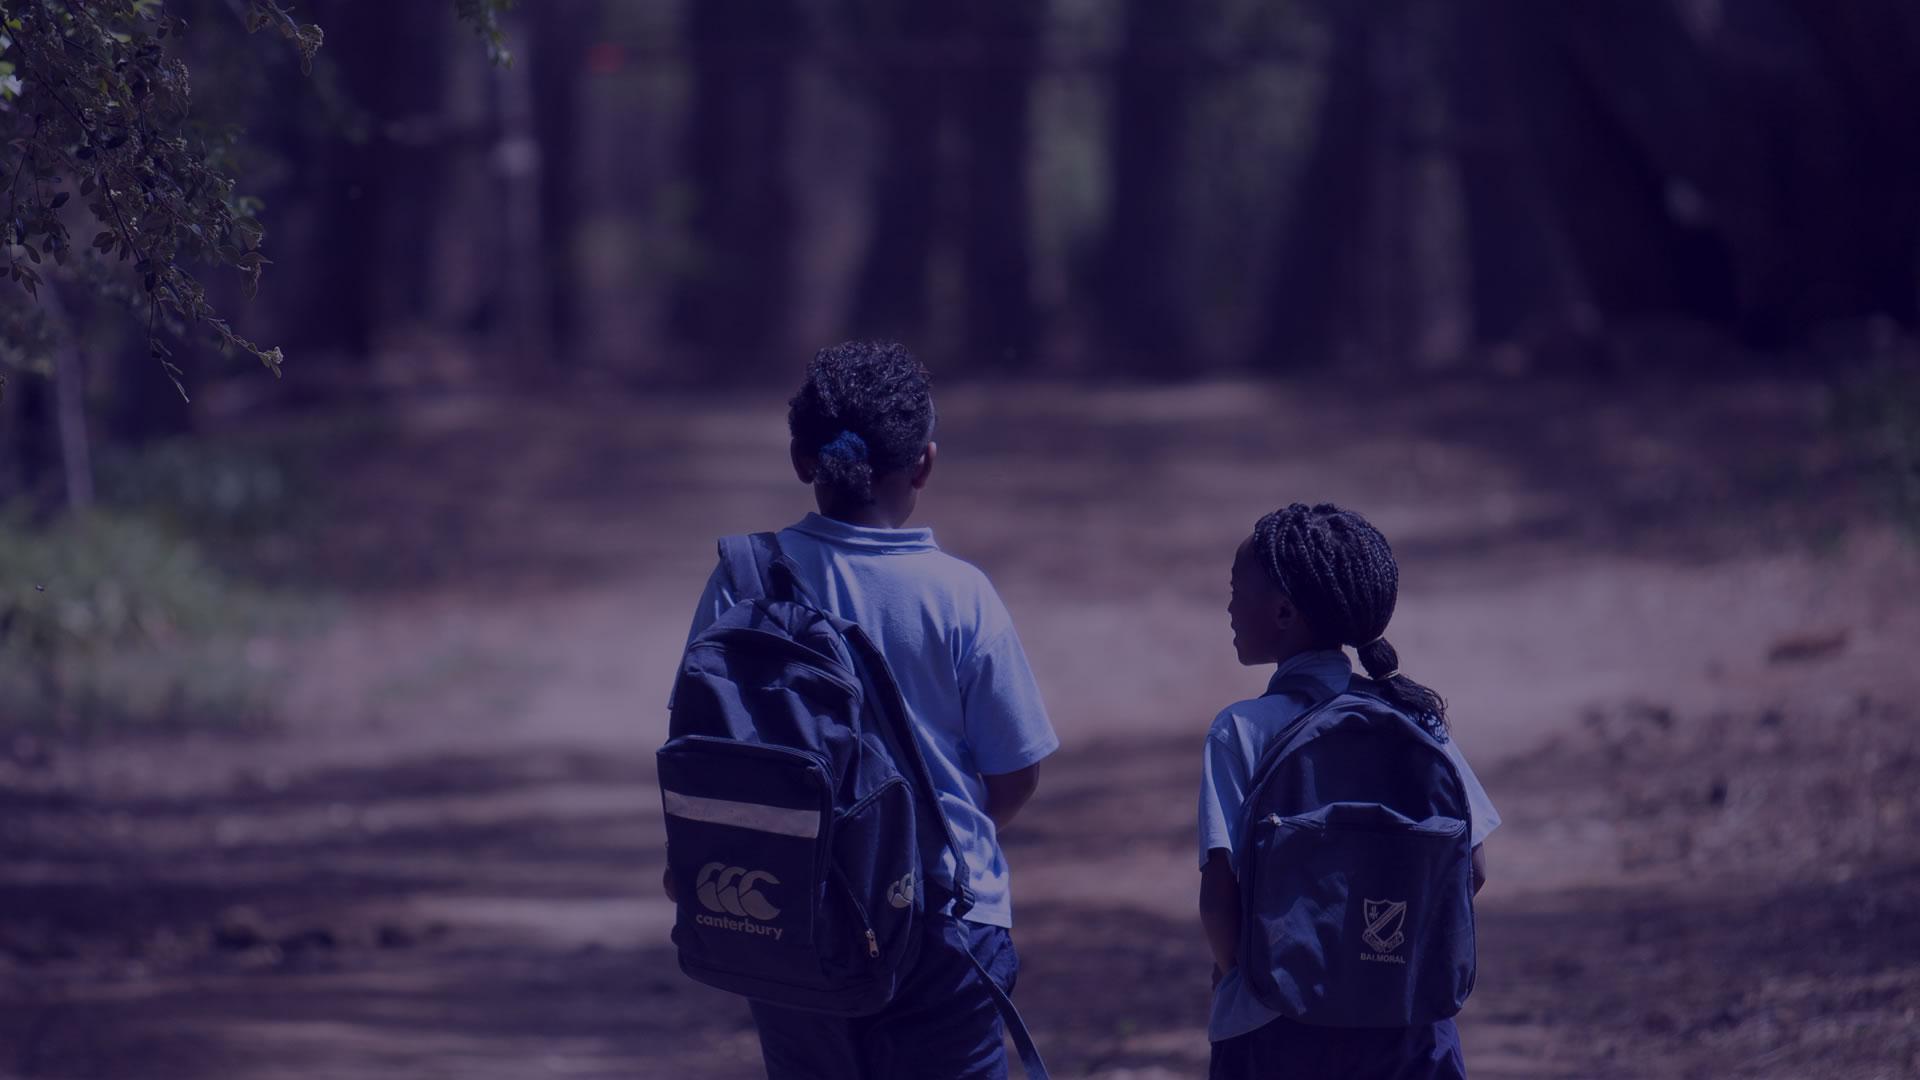 Children on their way to school